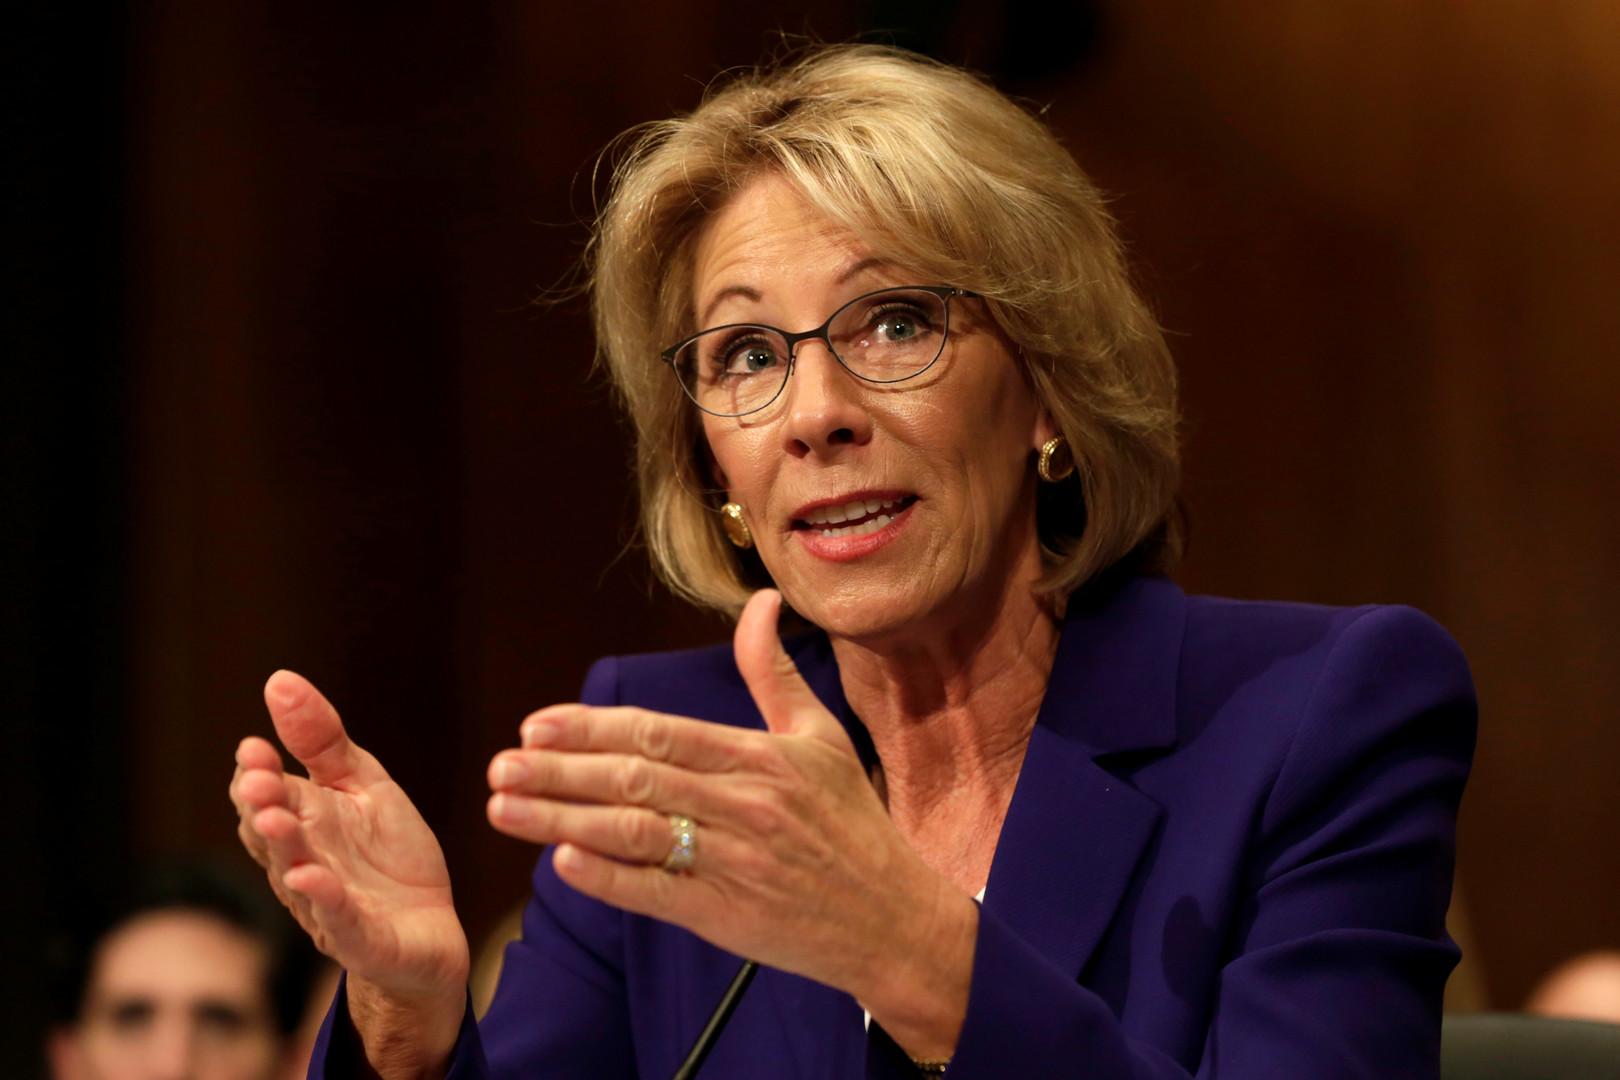 """Die Milliardärin Betsy DeVos soll Bildungsministerin werden. Das Vermögen der Familie DeVos, die die Firma Windquest Group gegründet hat, beläuft sich auf etwa 5,1 Milliarden US-Dollar. Die eifrige Trump-Unterstützerin hat versprochen die US-amerikanische Bildung """"wieder groß zu machen""""."""